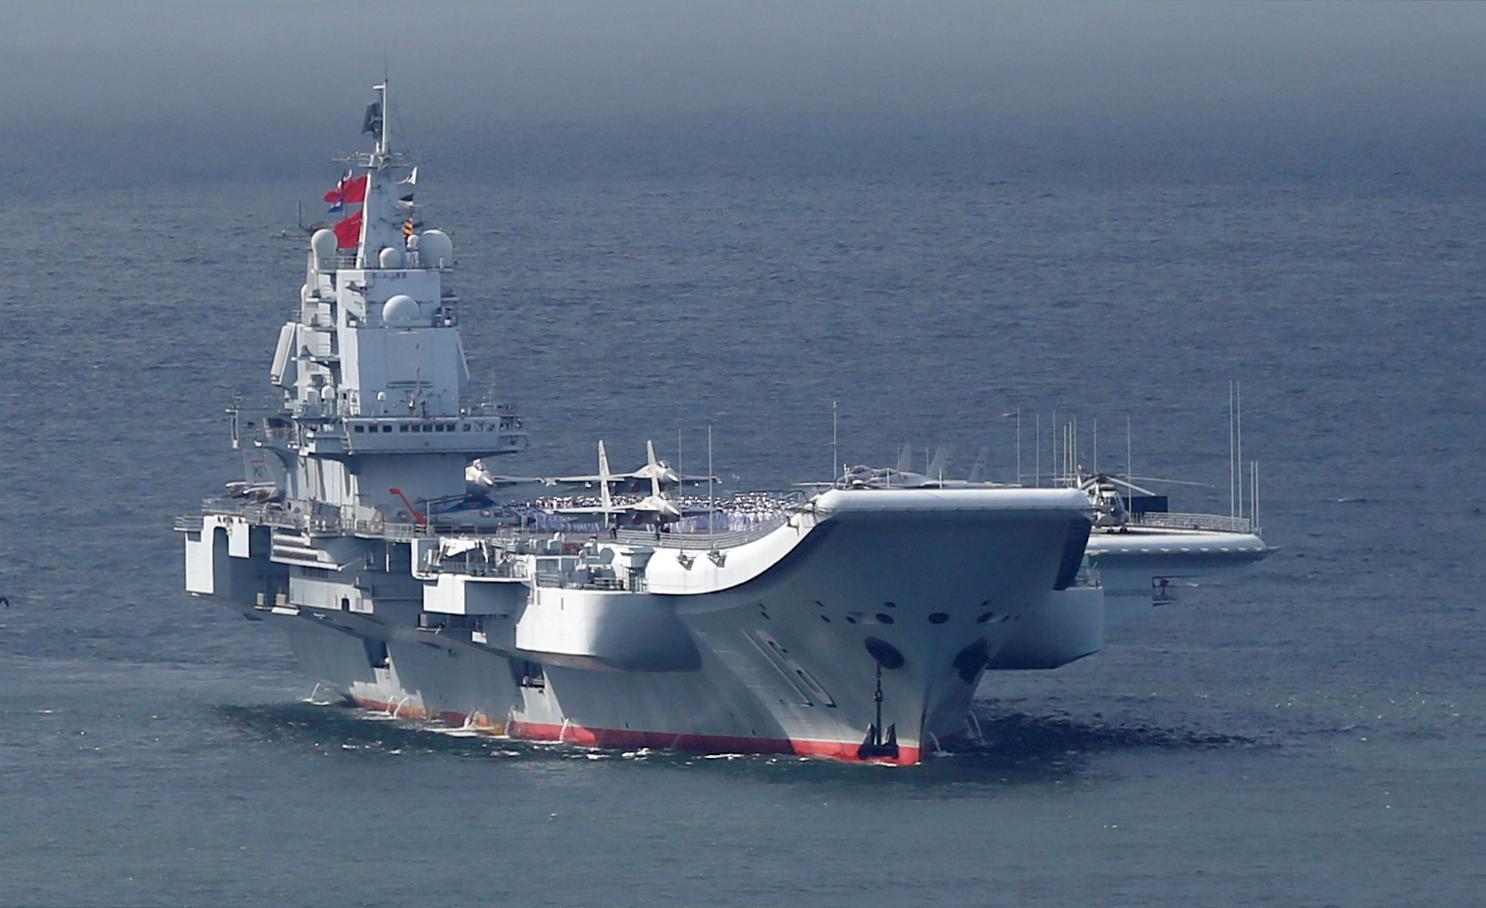 Mỹ đang giúp Trung Quốc gột rửa 'nỗi nhục trăm năm'?